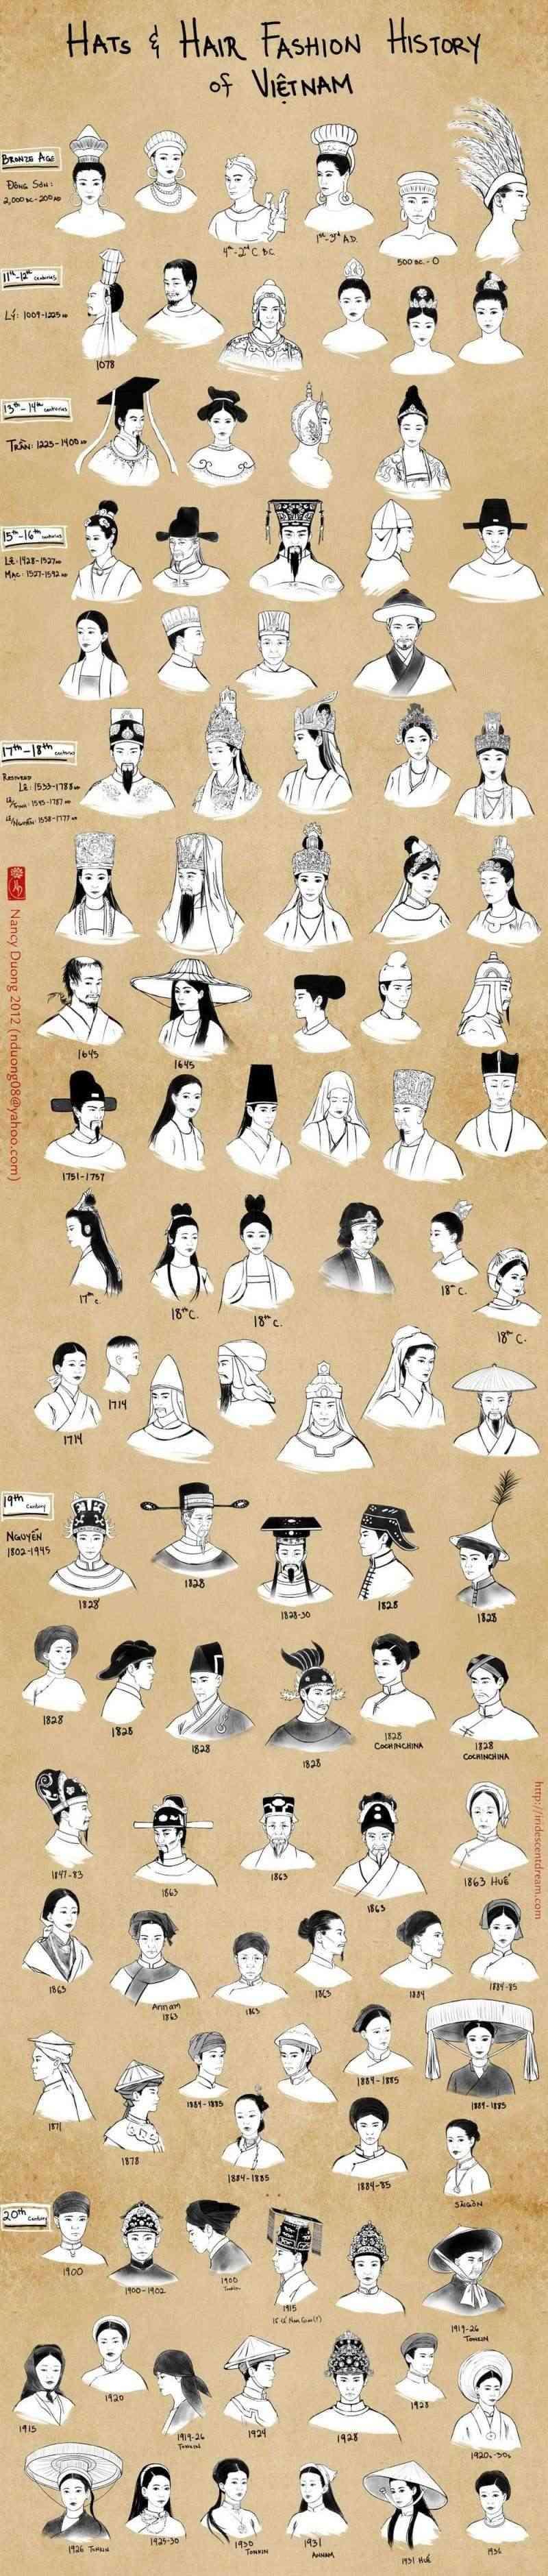 Hình ảnh về trang phục lịch sử Việt Nam Redsvn13